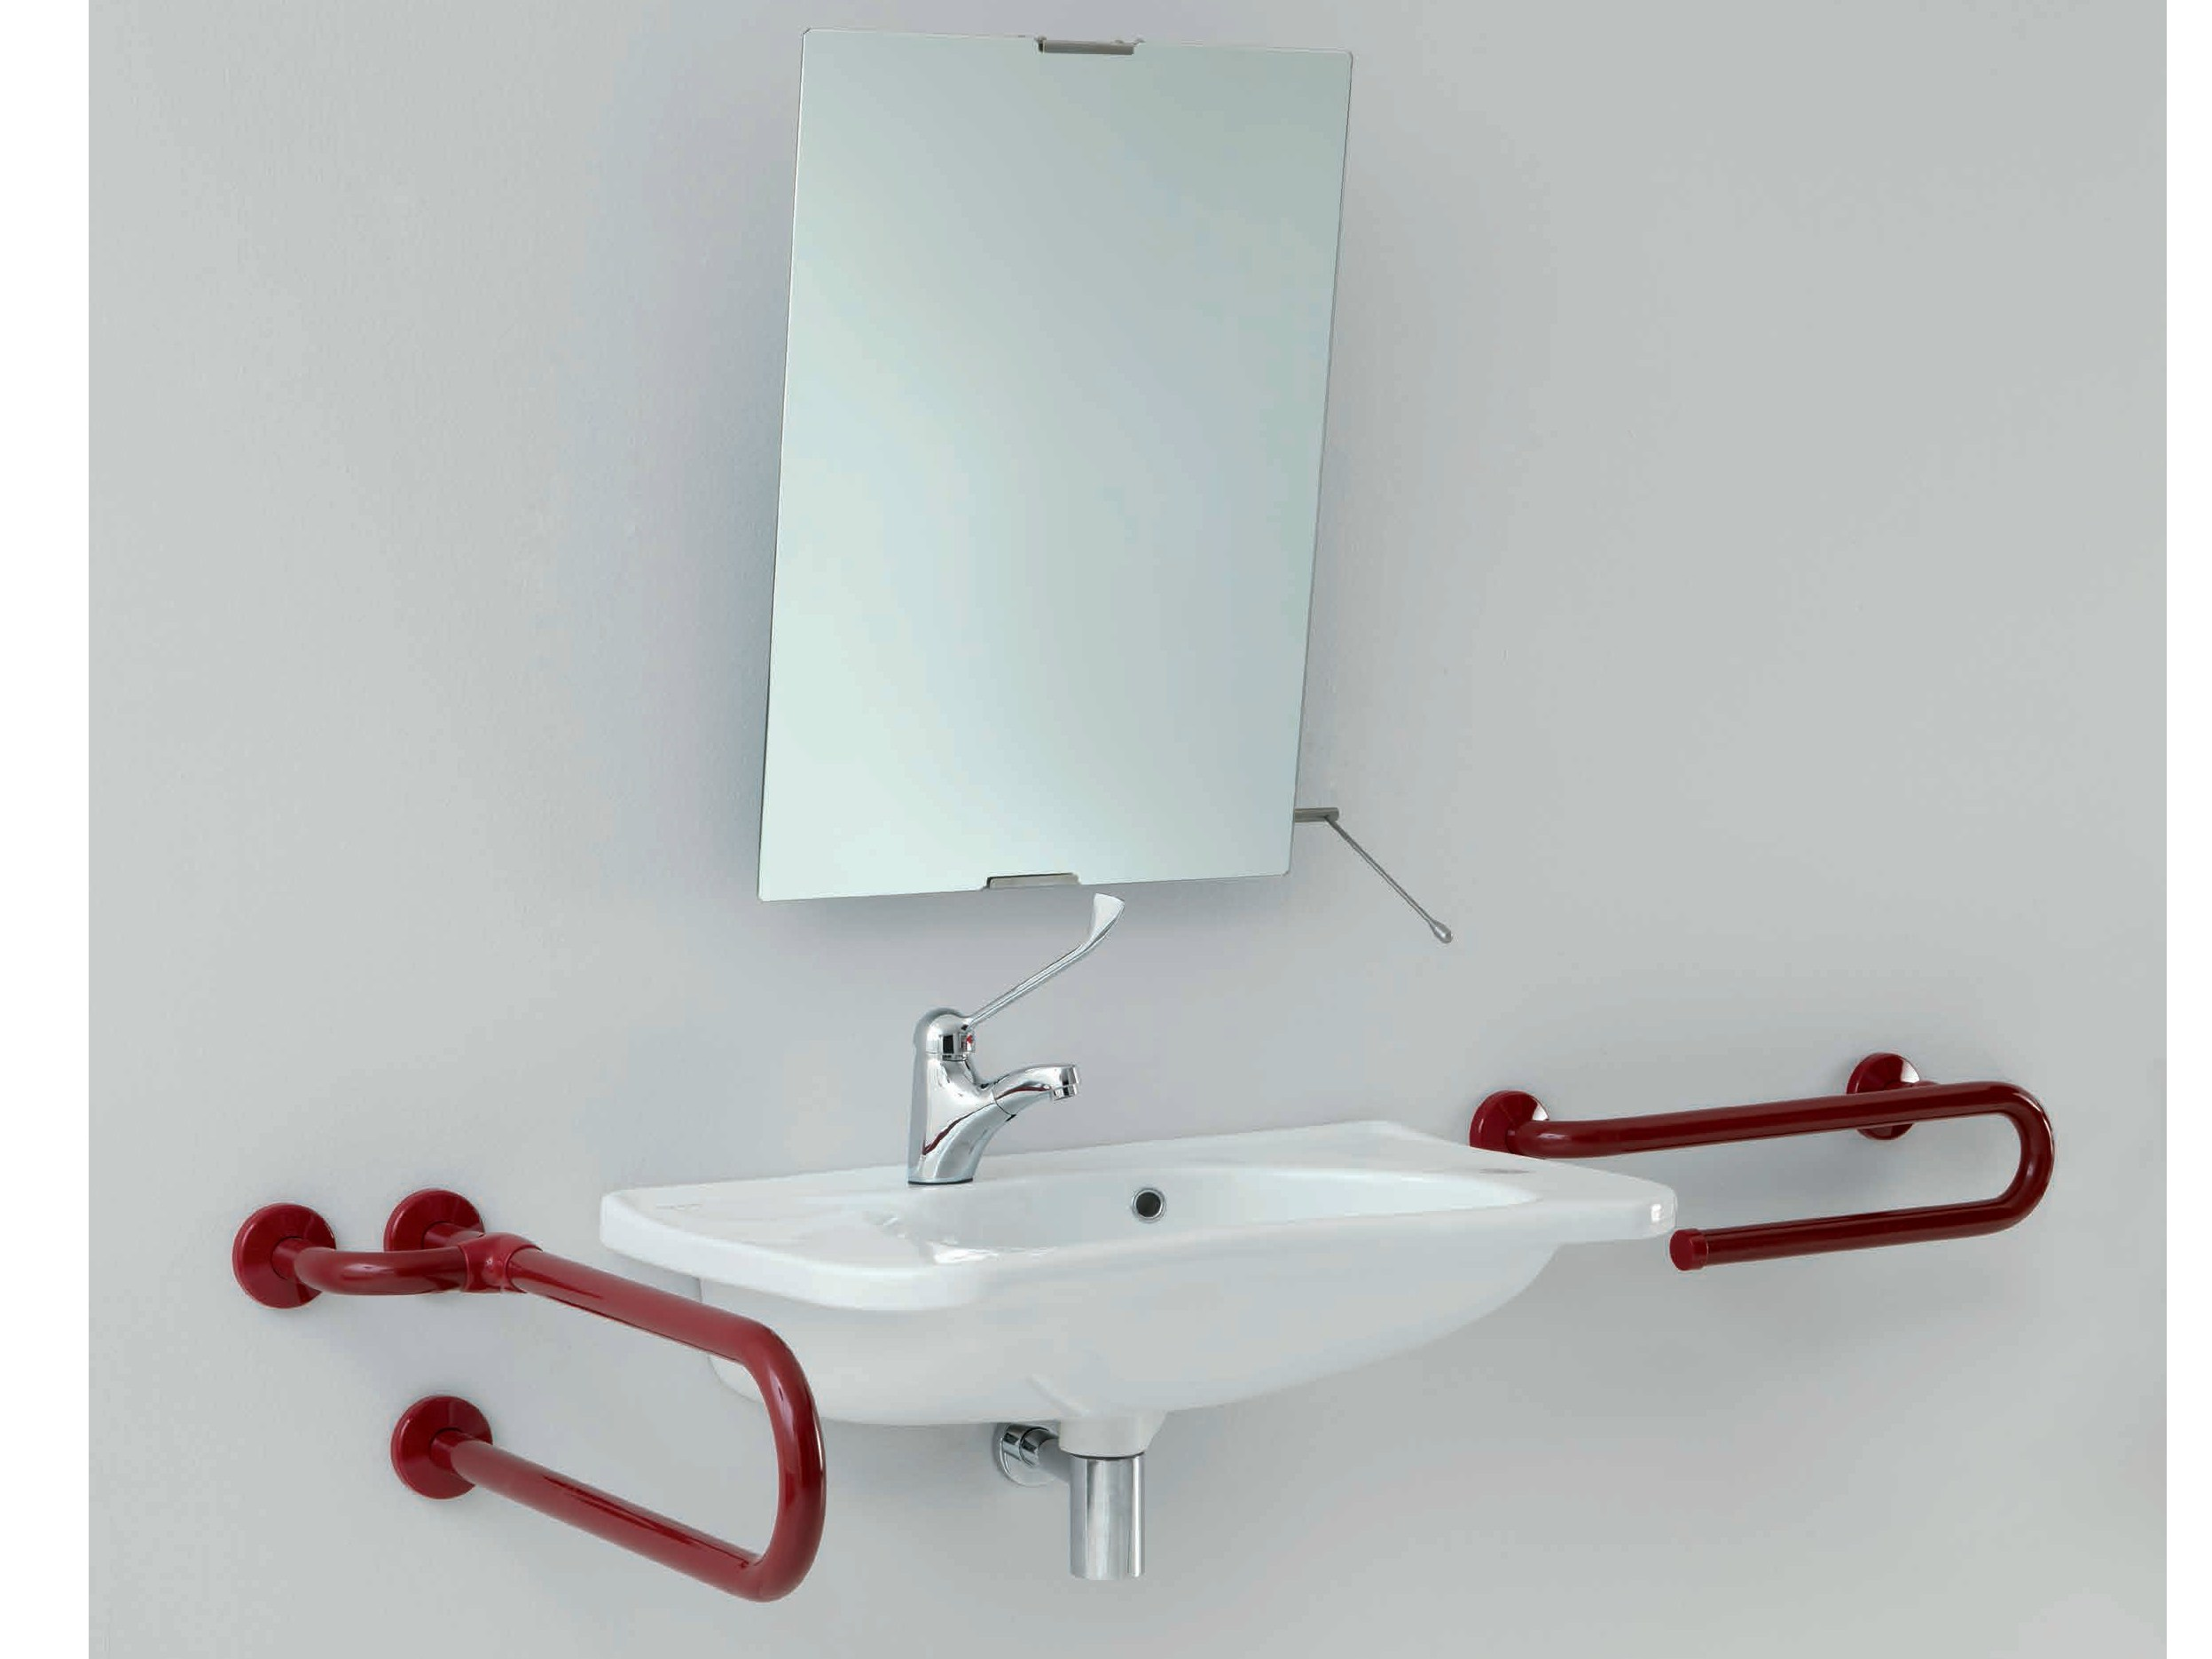 Specchio inclinabile specchio collezione bagnosicuro - Ponte giulio bagno disabili ...